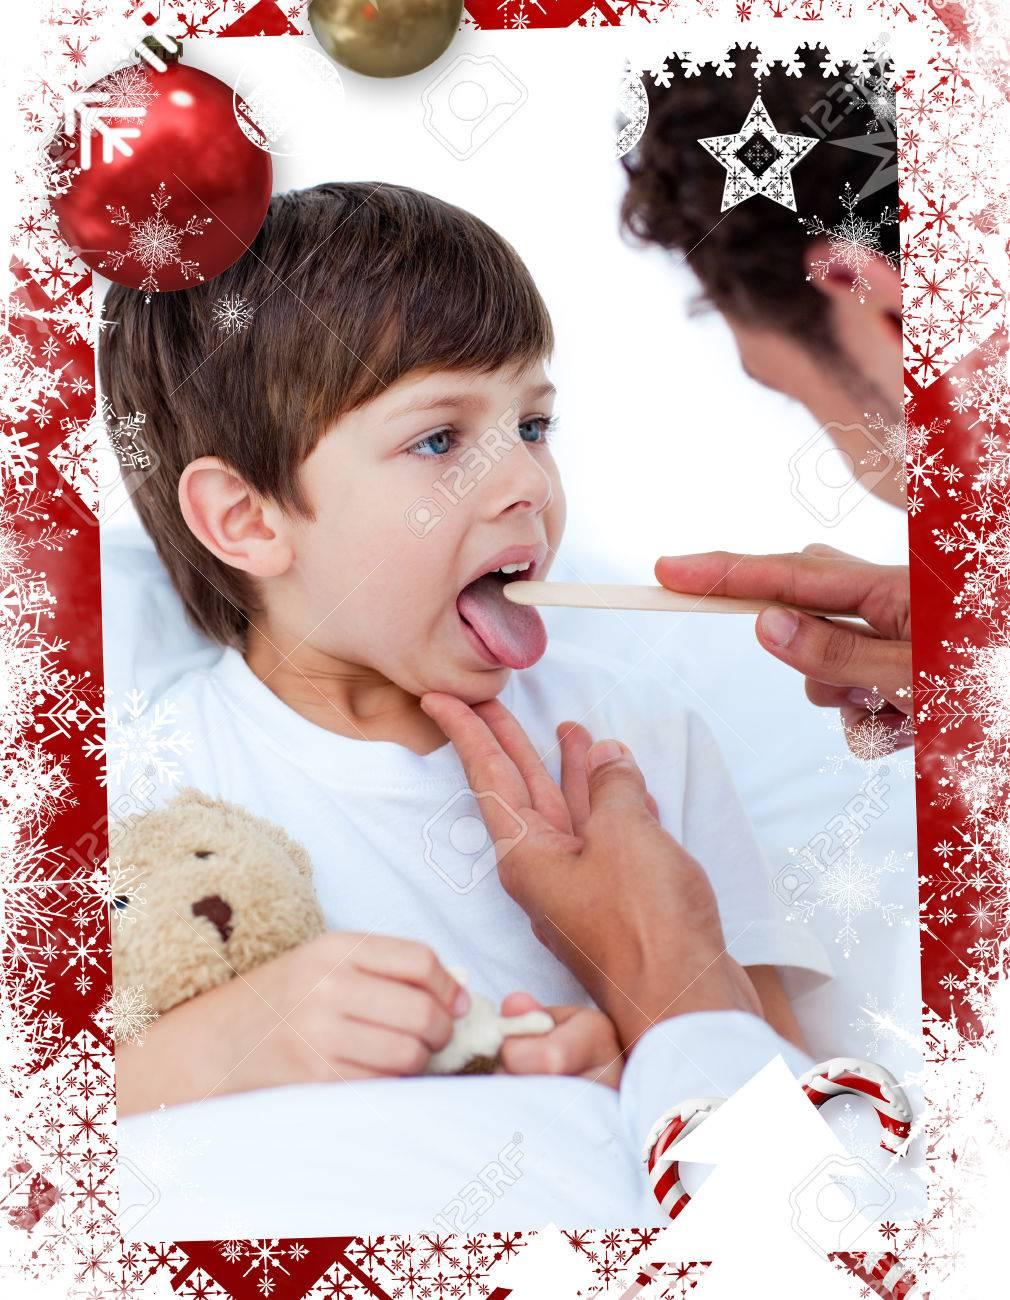 Männlich Arzt überprüfen Kleinen Jungen Die Kehle Gegen Weihnachten ...